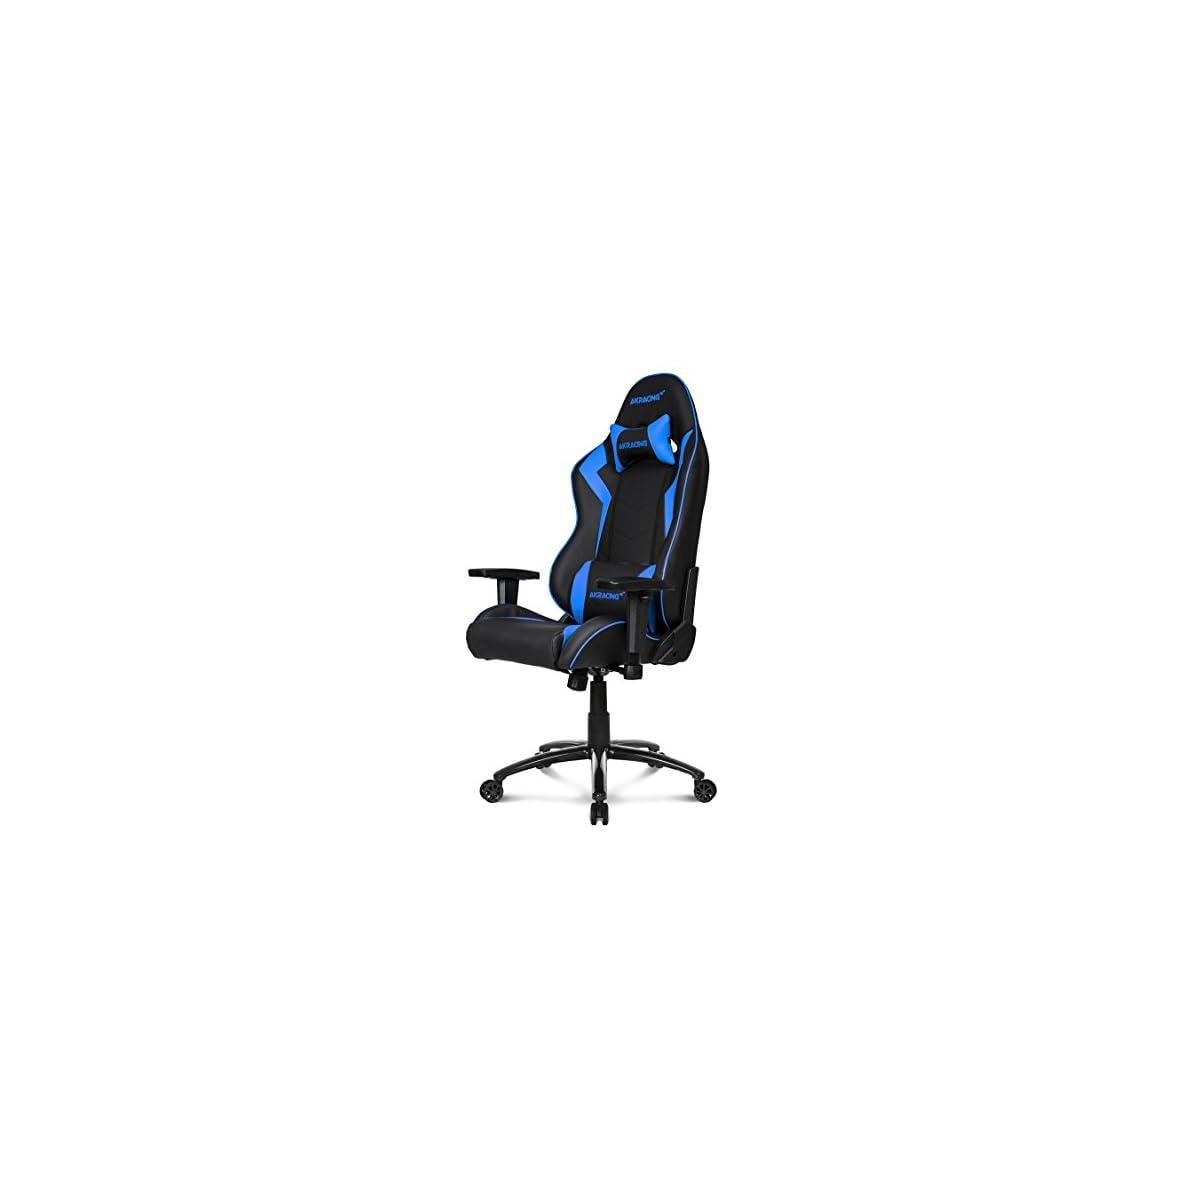 41WNiNApQVL. SS1200  - AKRACING silla mesa para Gaming Faux Piel Blanco